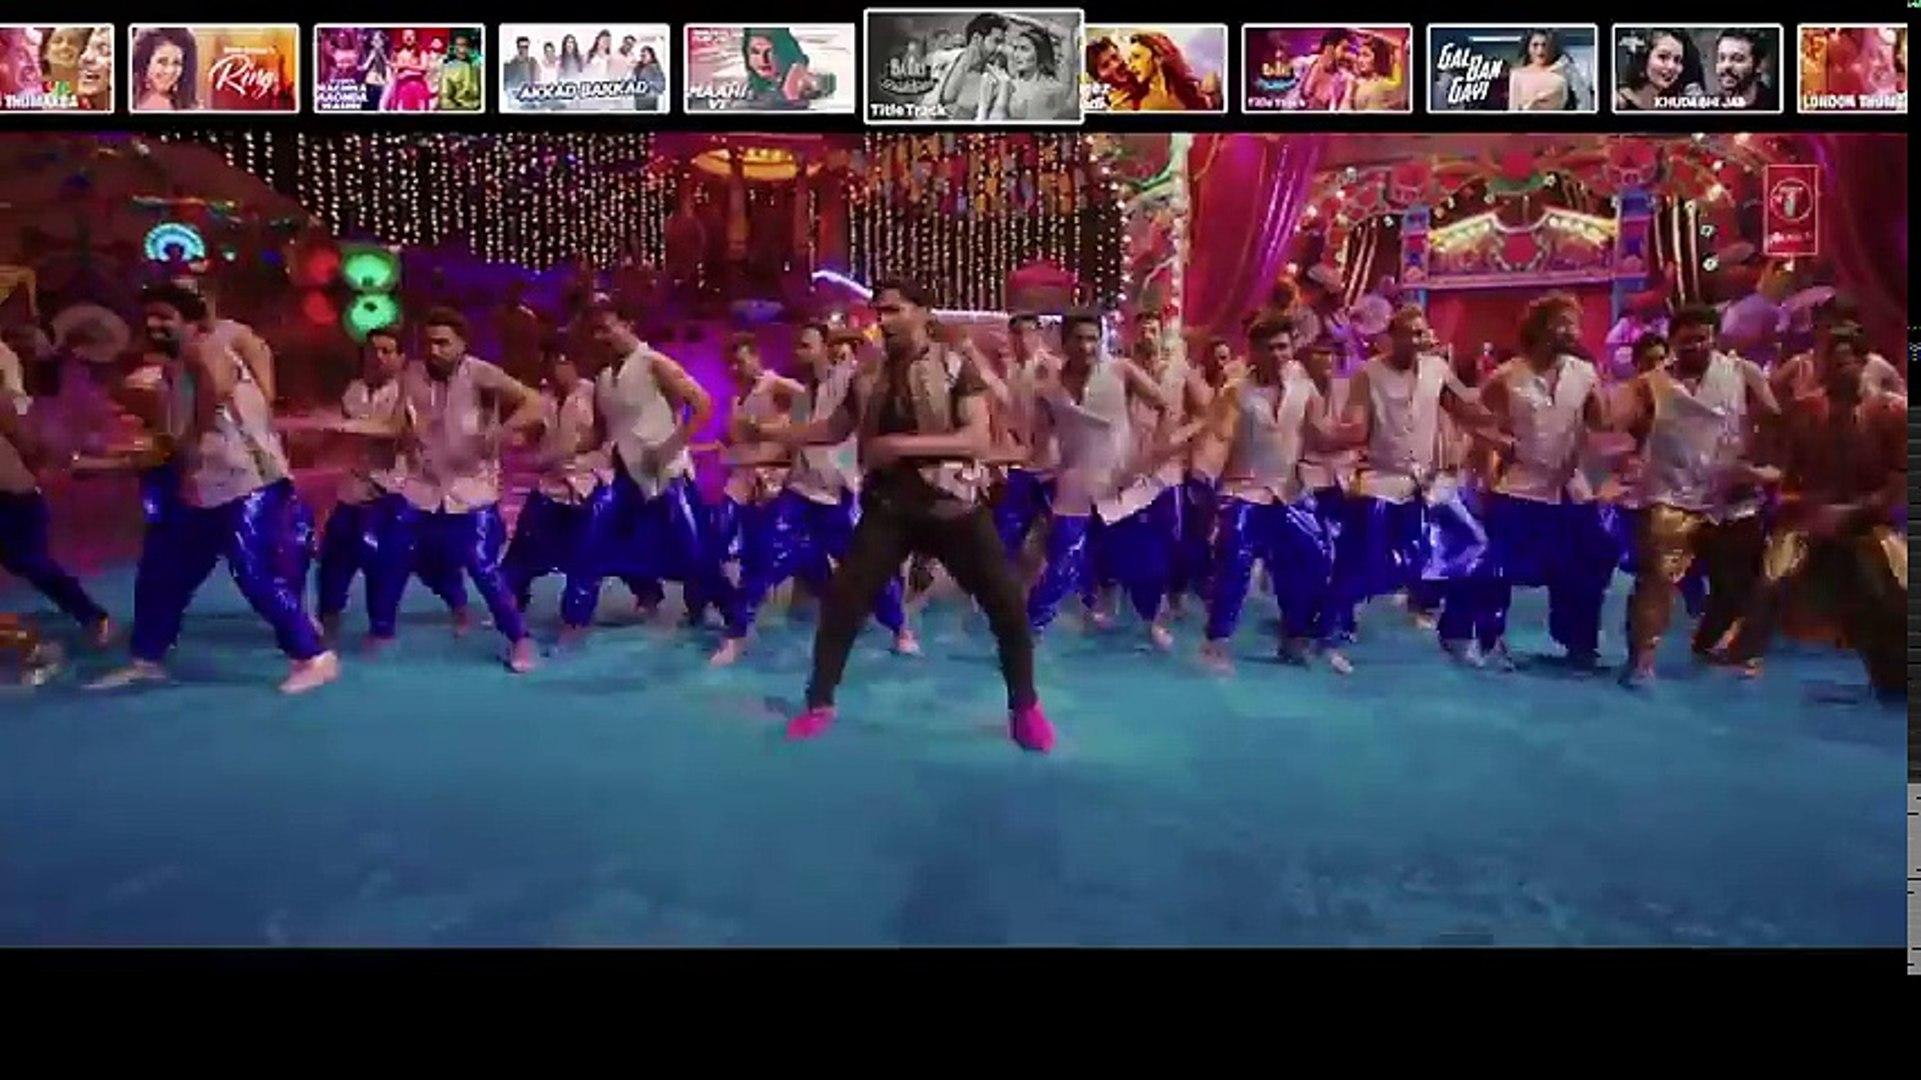 Best OF Neha Kakkar Songs 2017 - Birthday Special - Hindi Songs 2017 - New Hindi Songs- Jukebox 2017